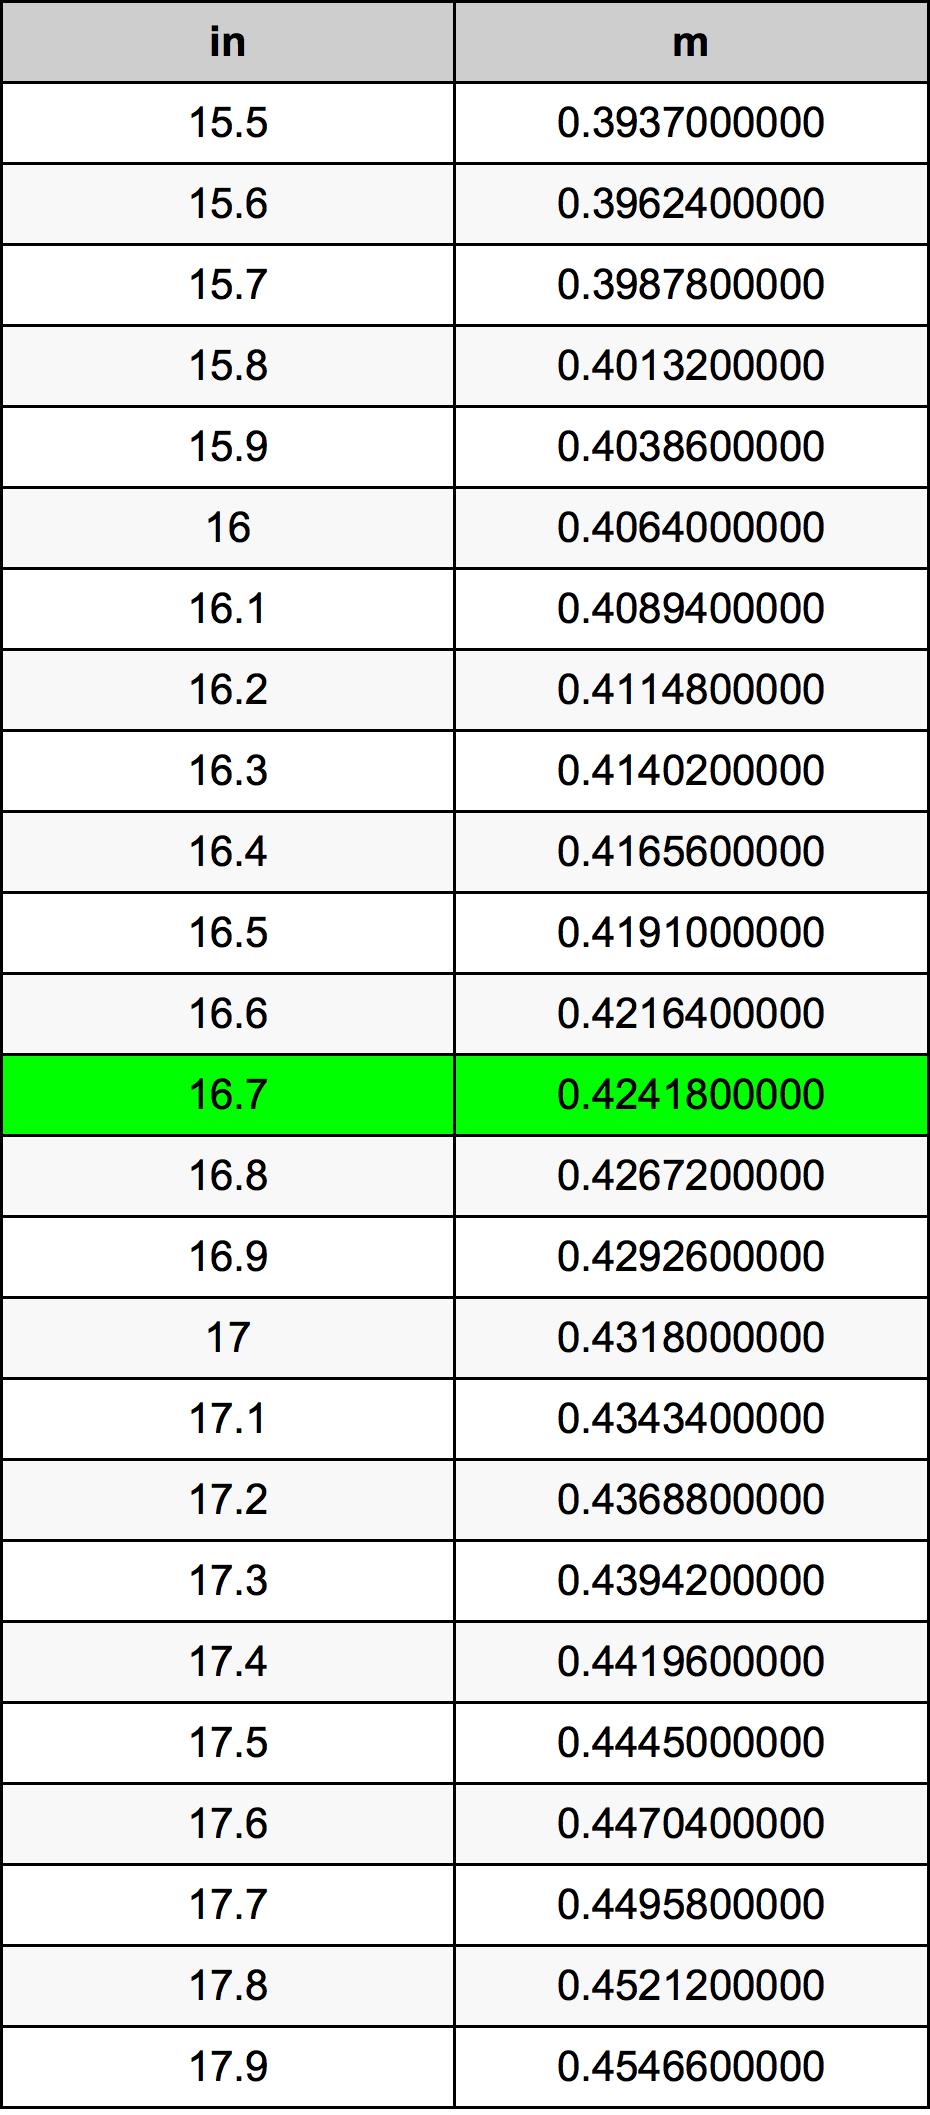 16.7 Palec prevodná tabuľka